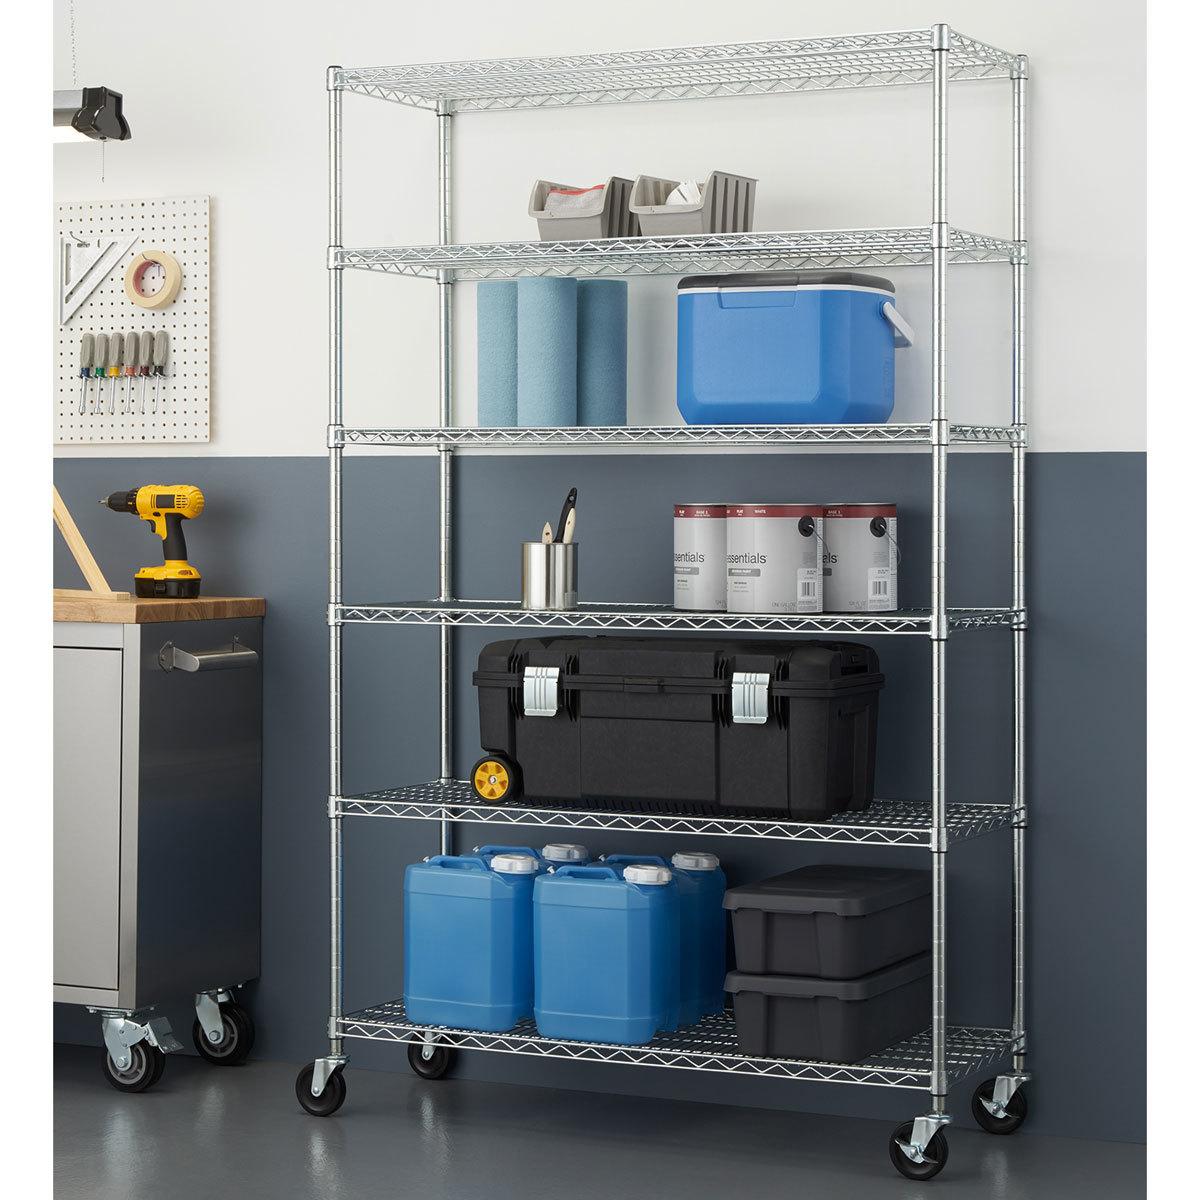 Trinity 48 122cm Ecostorage 6 Tier Chrome Storage Unit With Casters Costco Uk